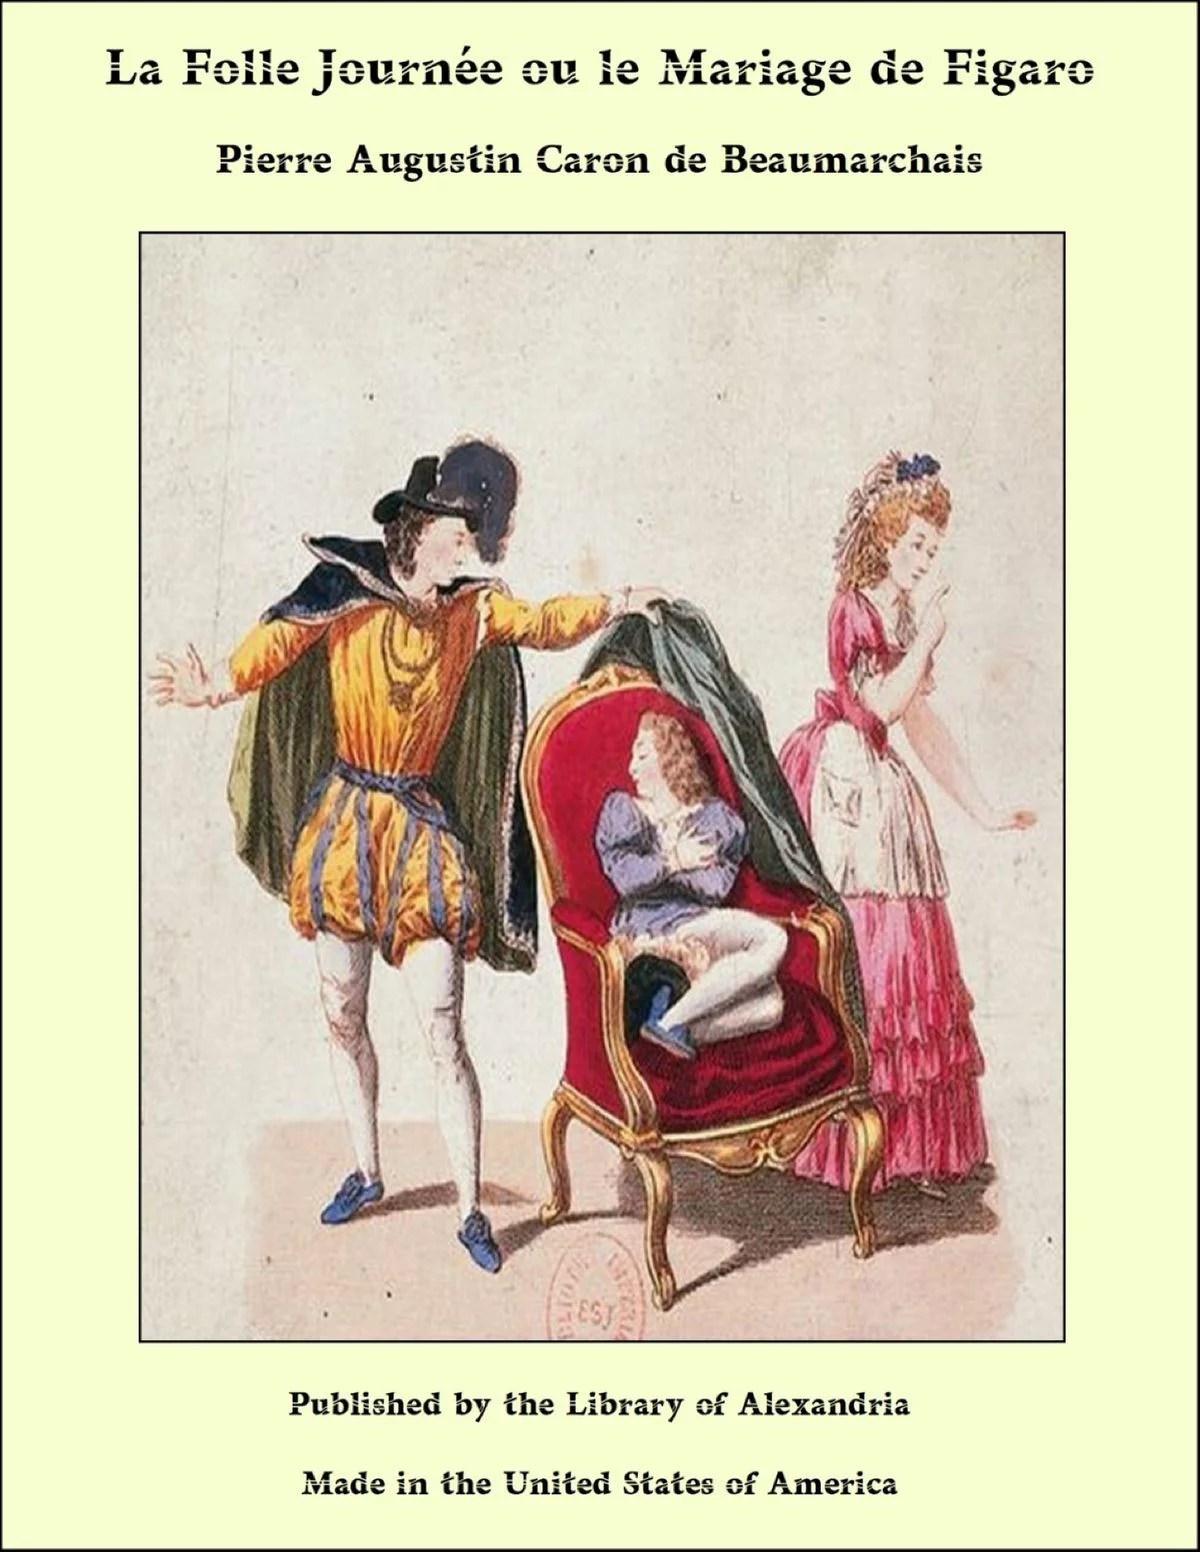 La Folle Journée Ou Le Mariage De Figaro : folle, journée, mariage, figaro, Folle, Journée, Mariage, Figaro, EBook, Walmart.com